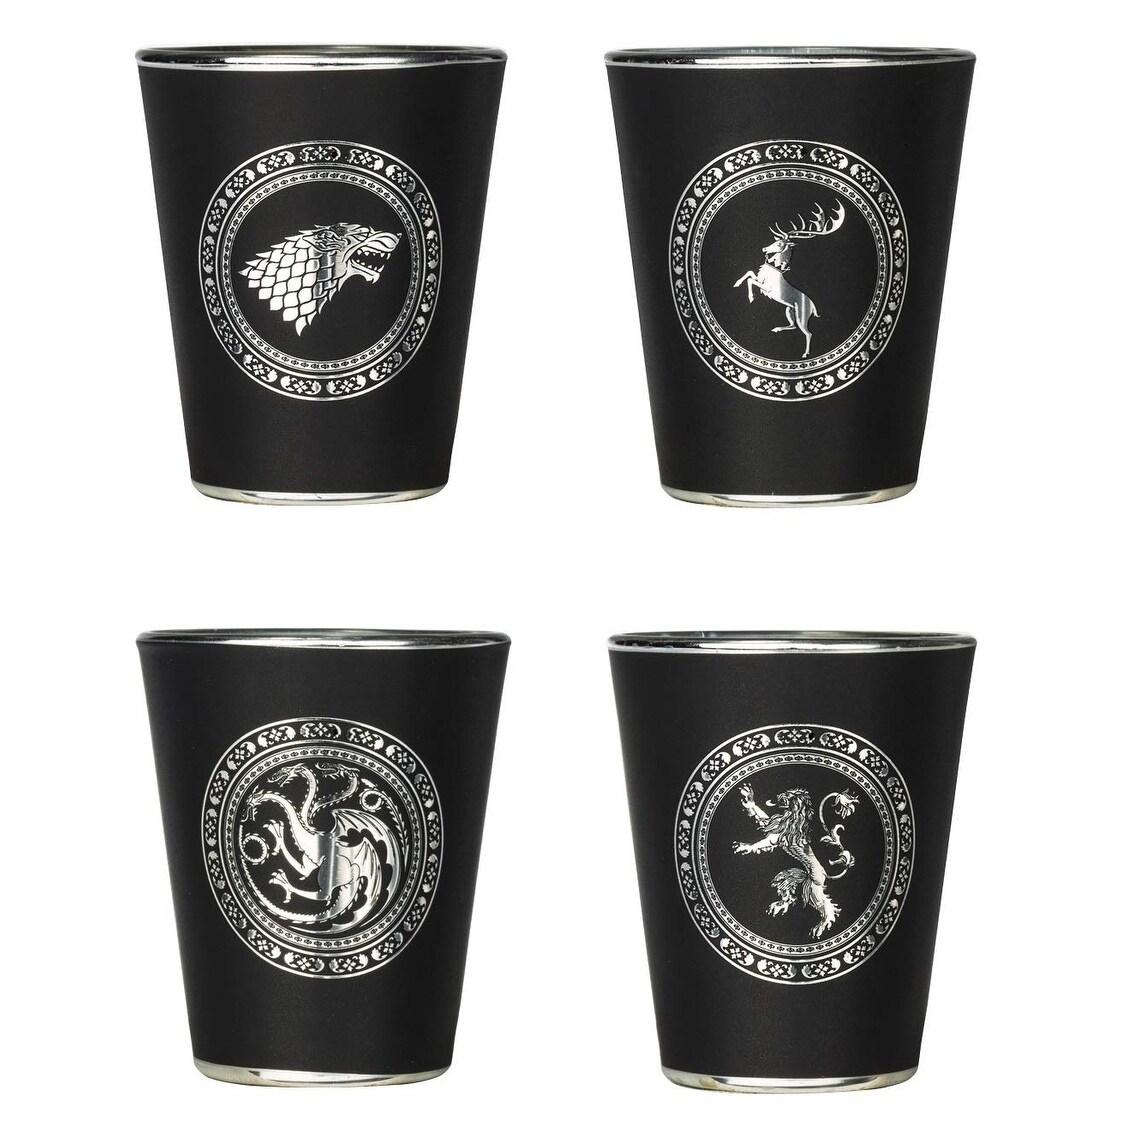 NEW* Game of Thrones SHOT GLASSES STARK LANNISTER TARGARYEN Glass Set Of 4